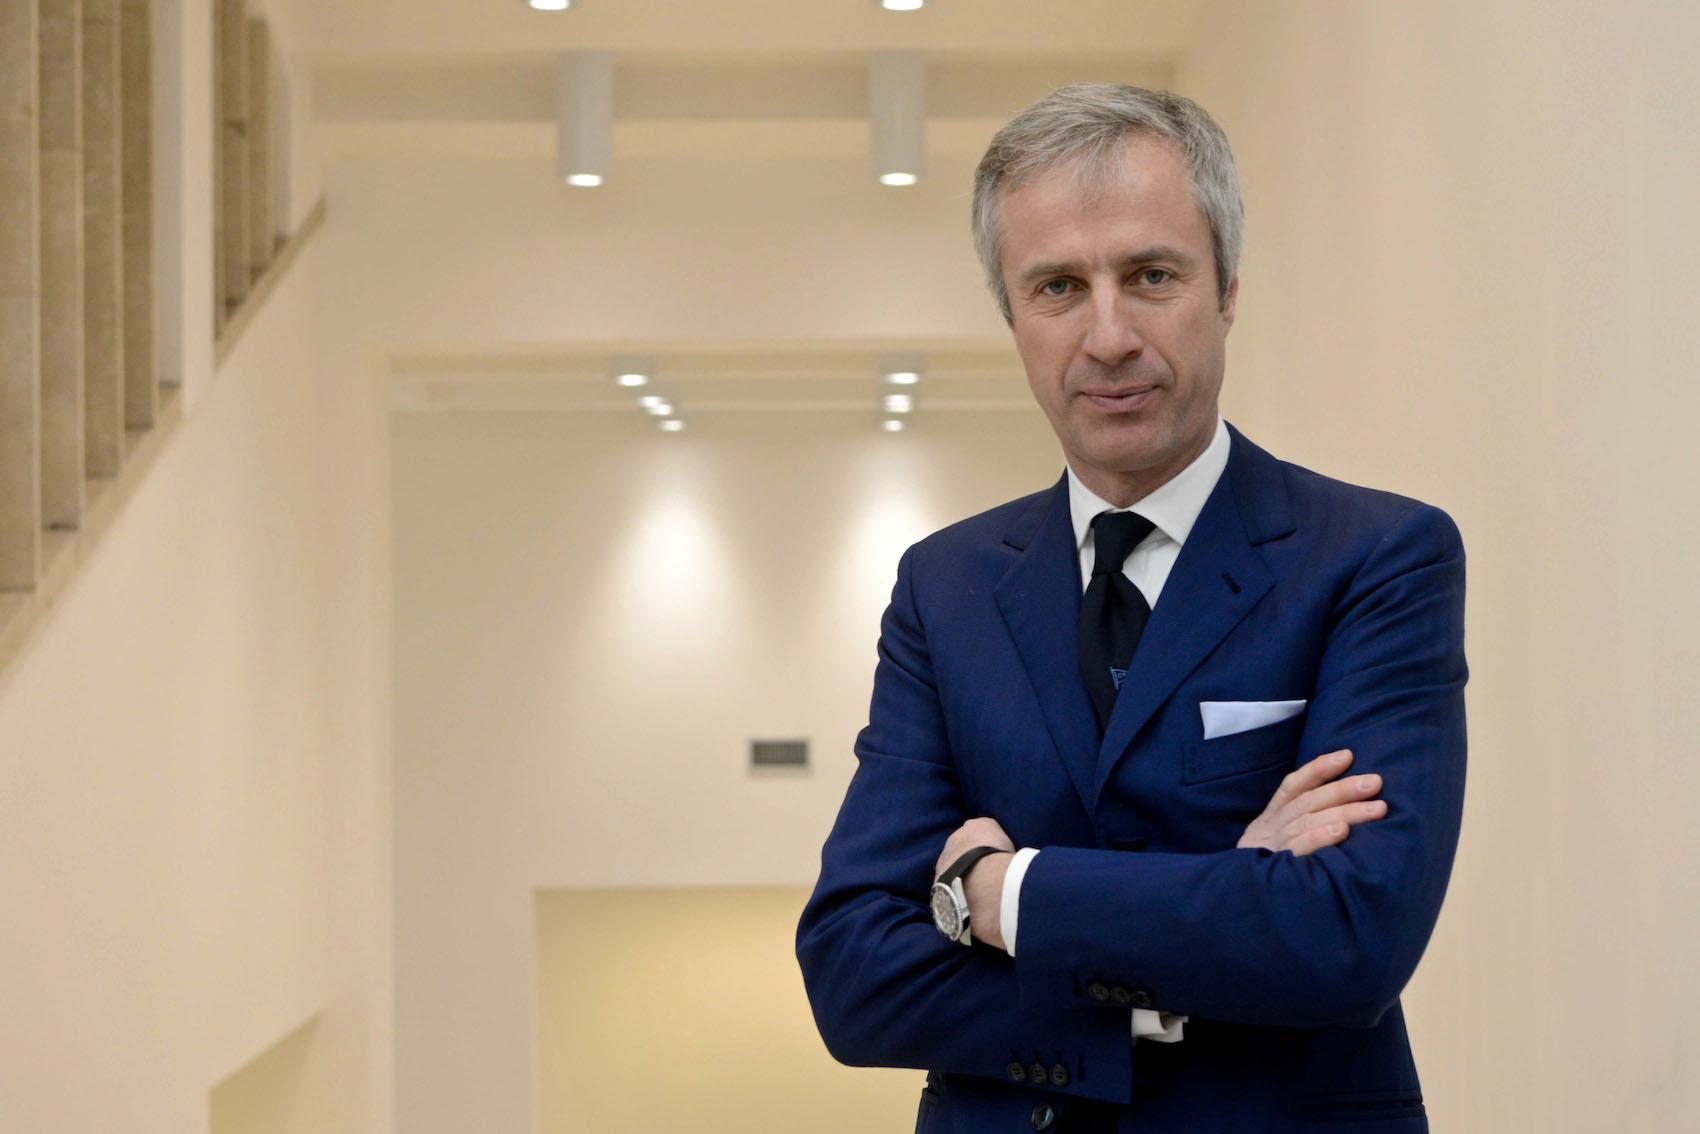 carlo-pesenti,-il-nipote-che-ha-mollato-il-cemento-per-creare-un-impero-nel-private-equity